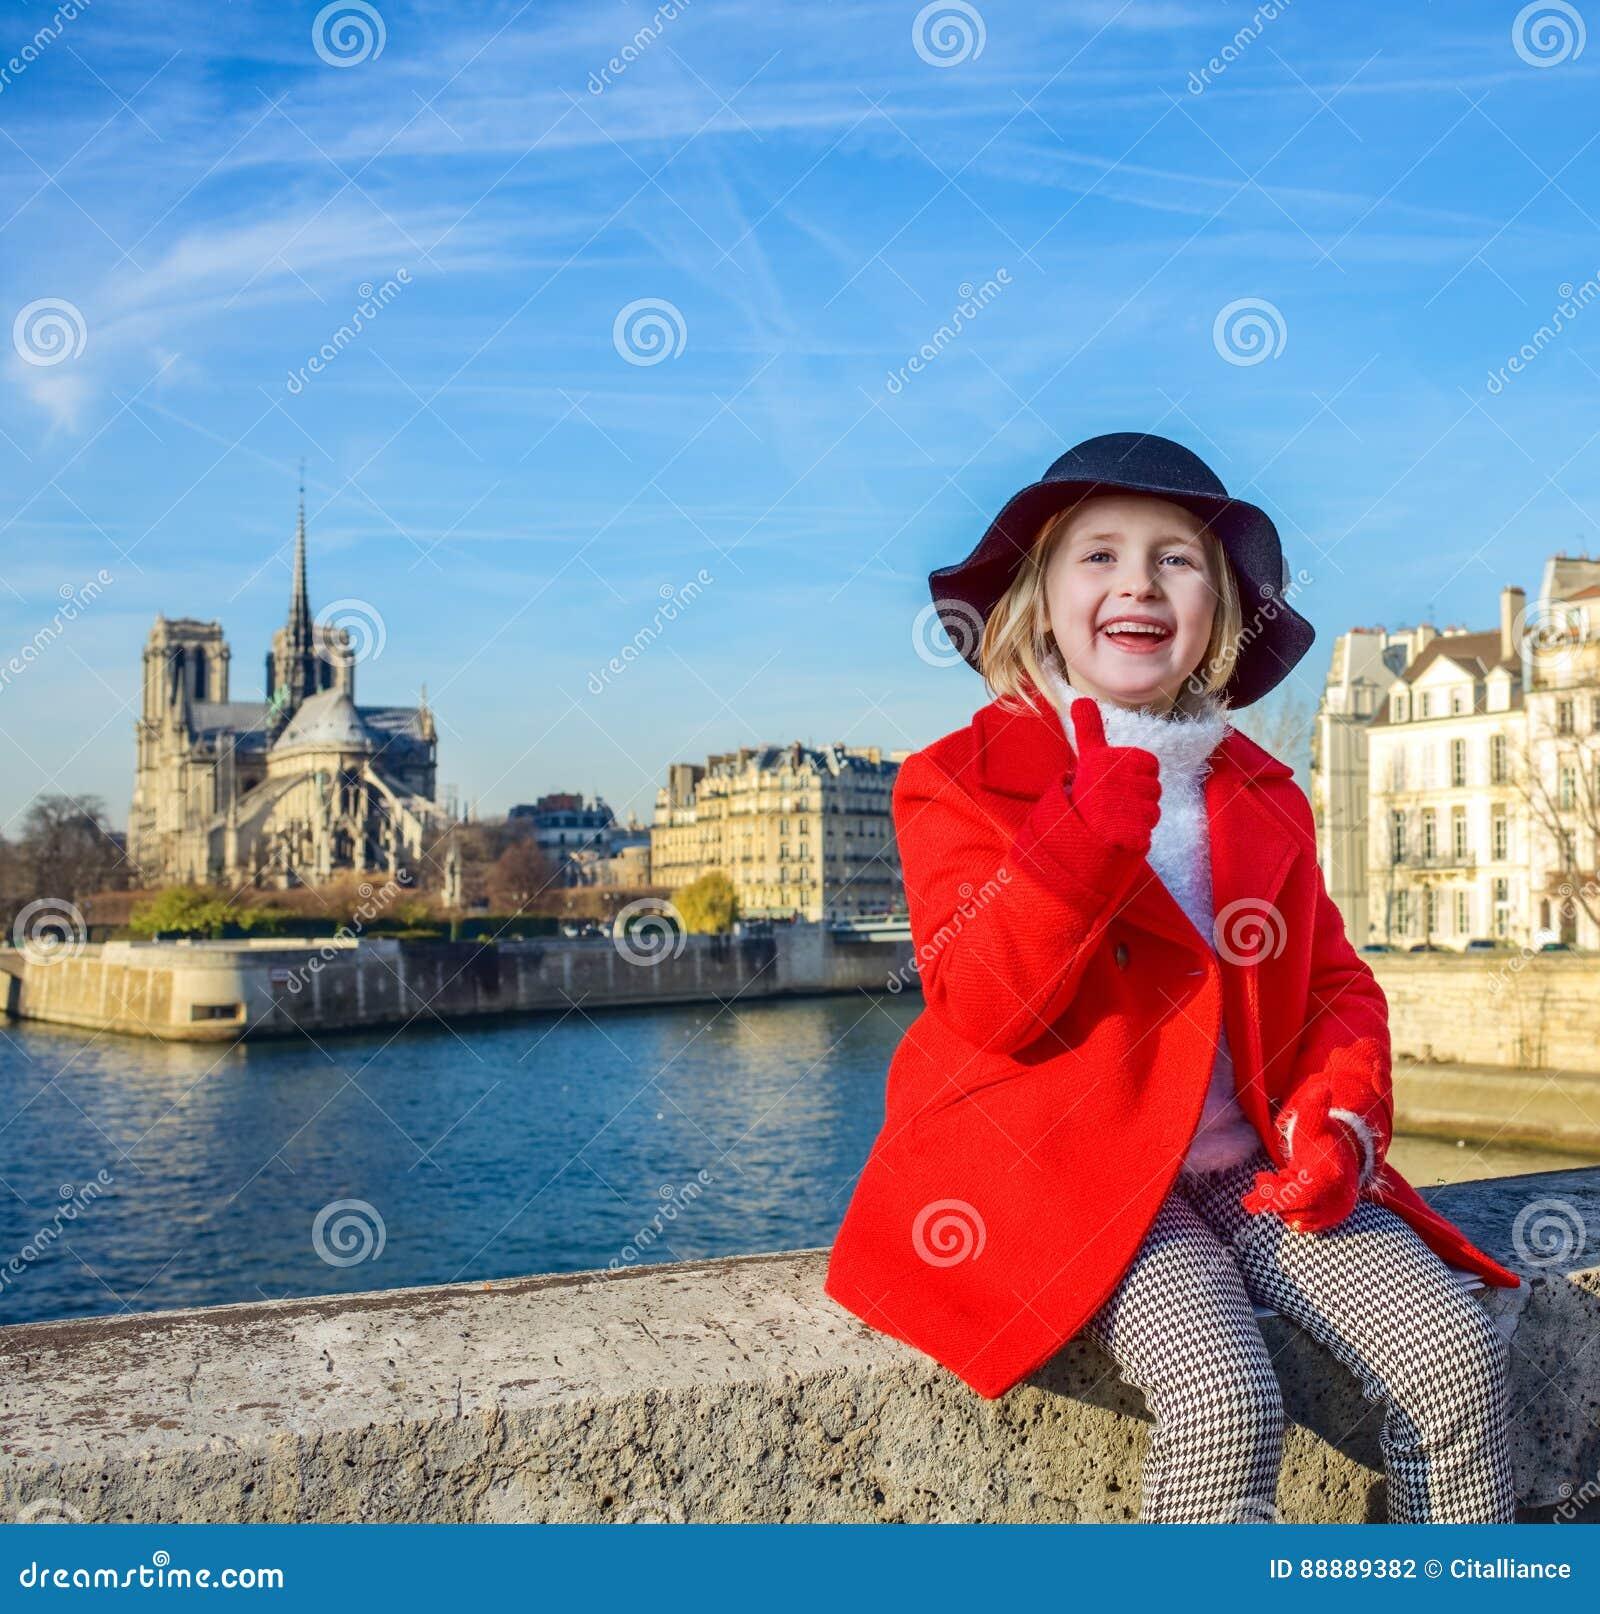 堤防的微笑的孩子在巴黎,显示赞许的法国